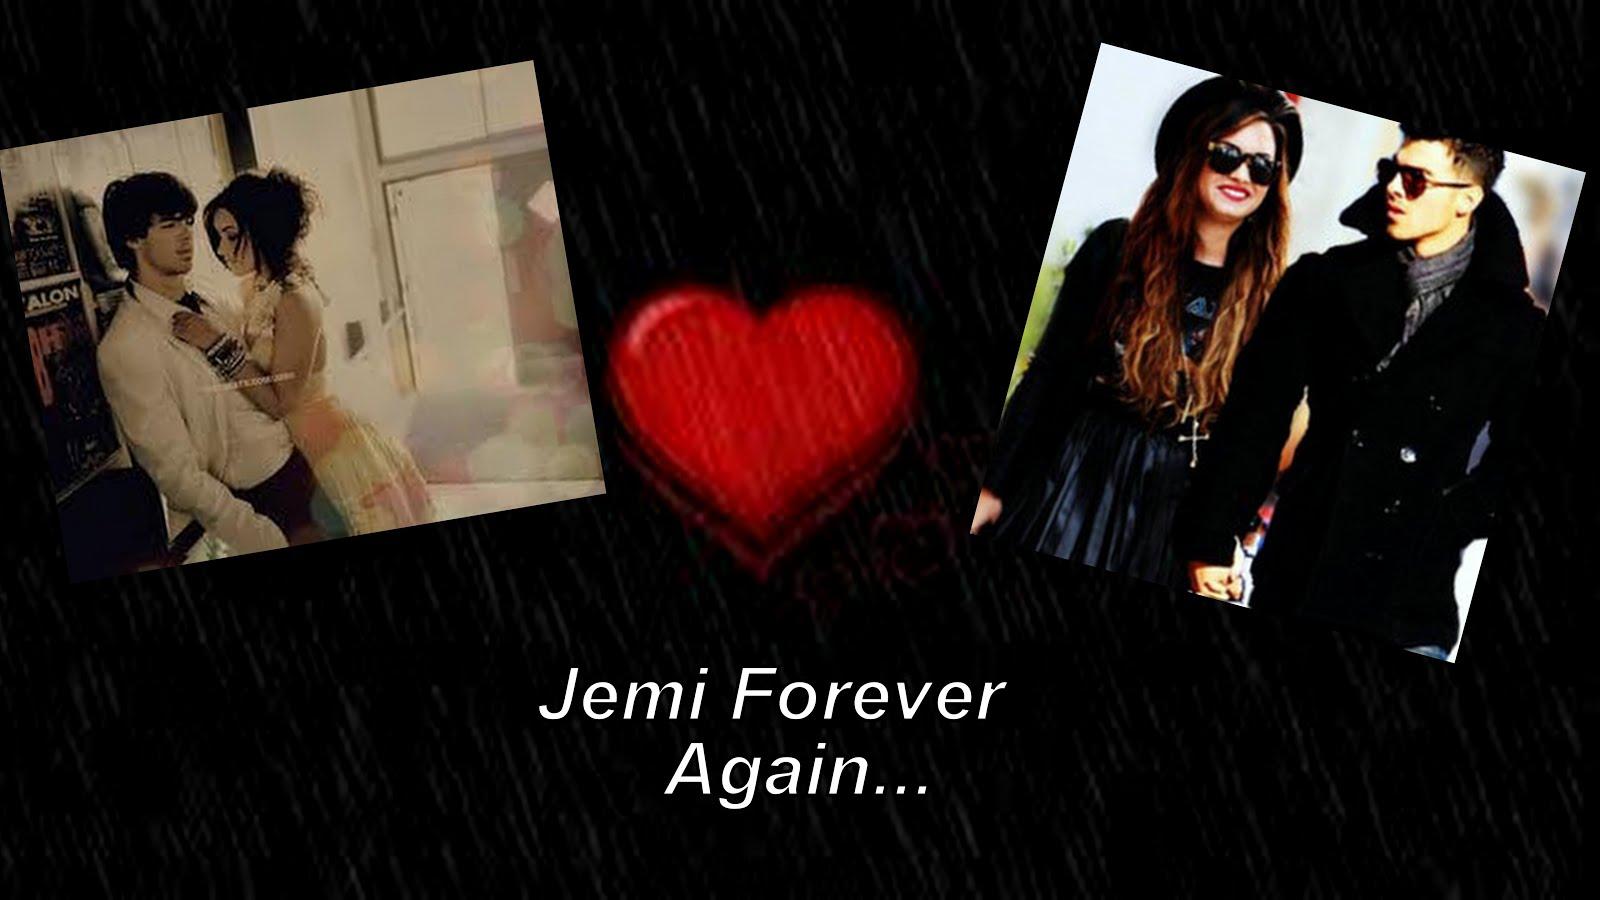 Jemi Forever Again